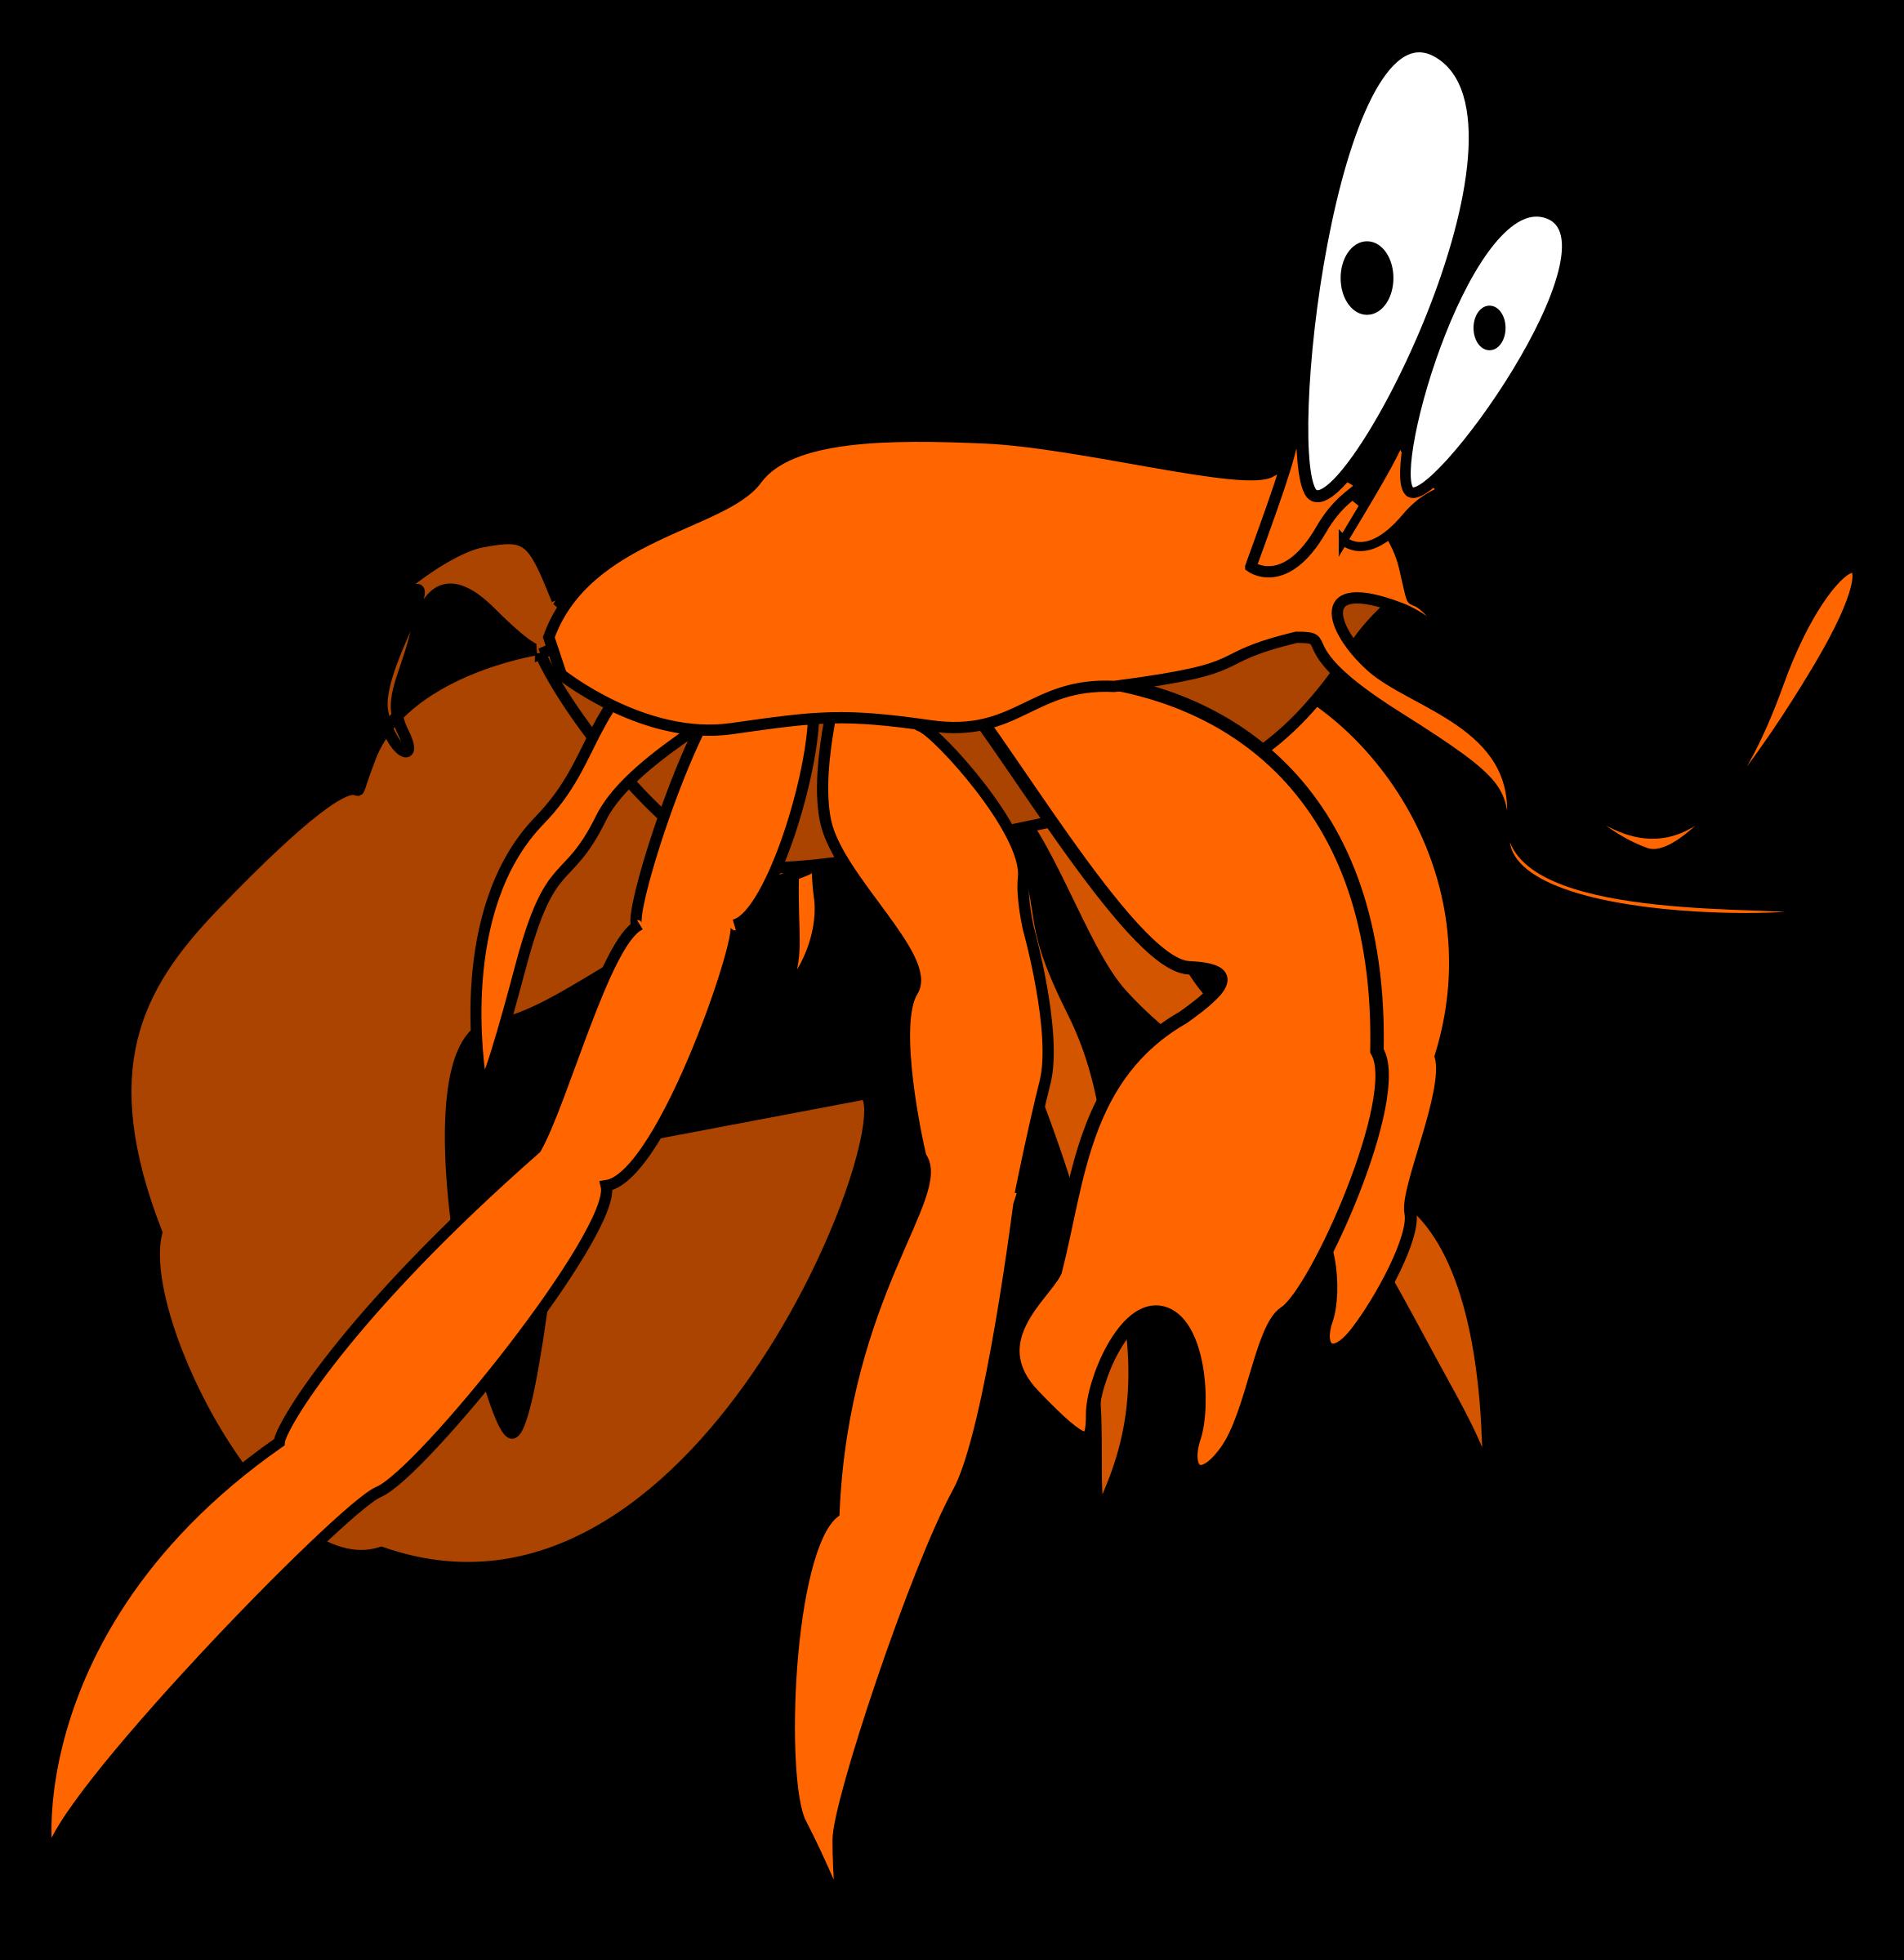 Big image png. Clipart fish crab